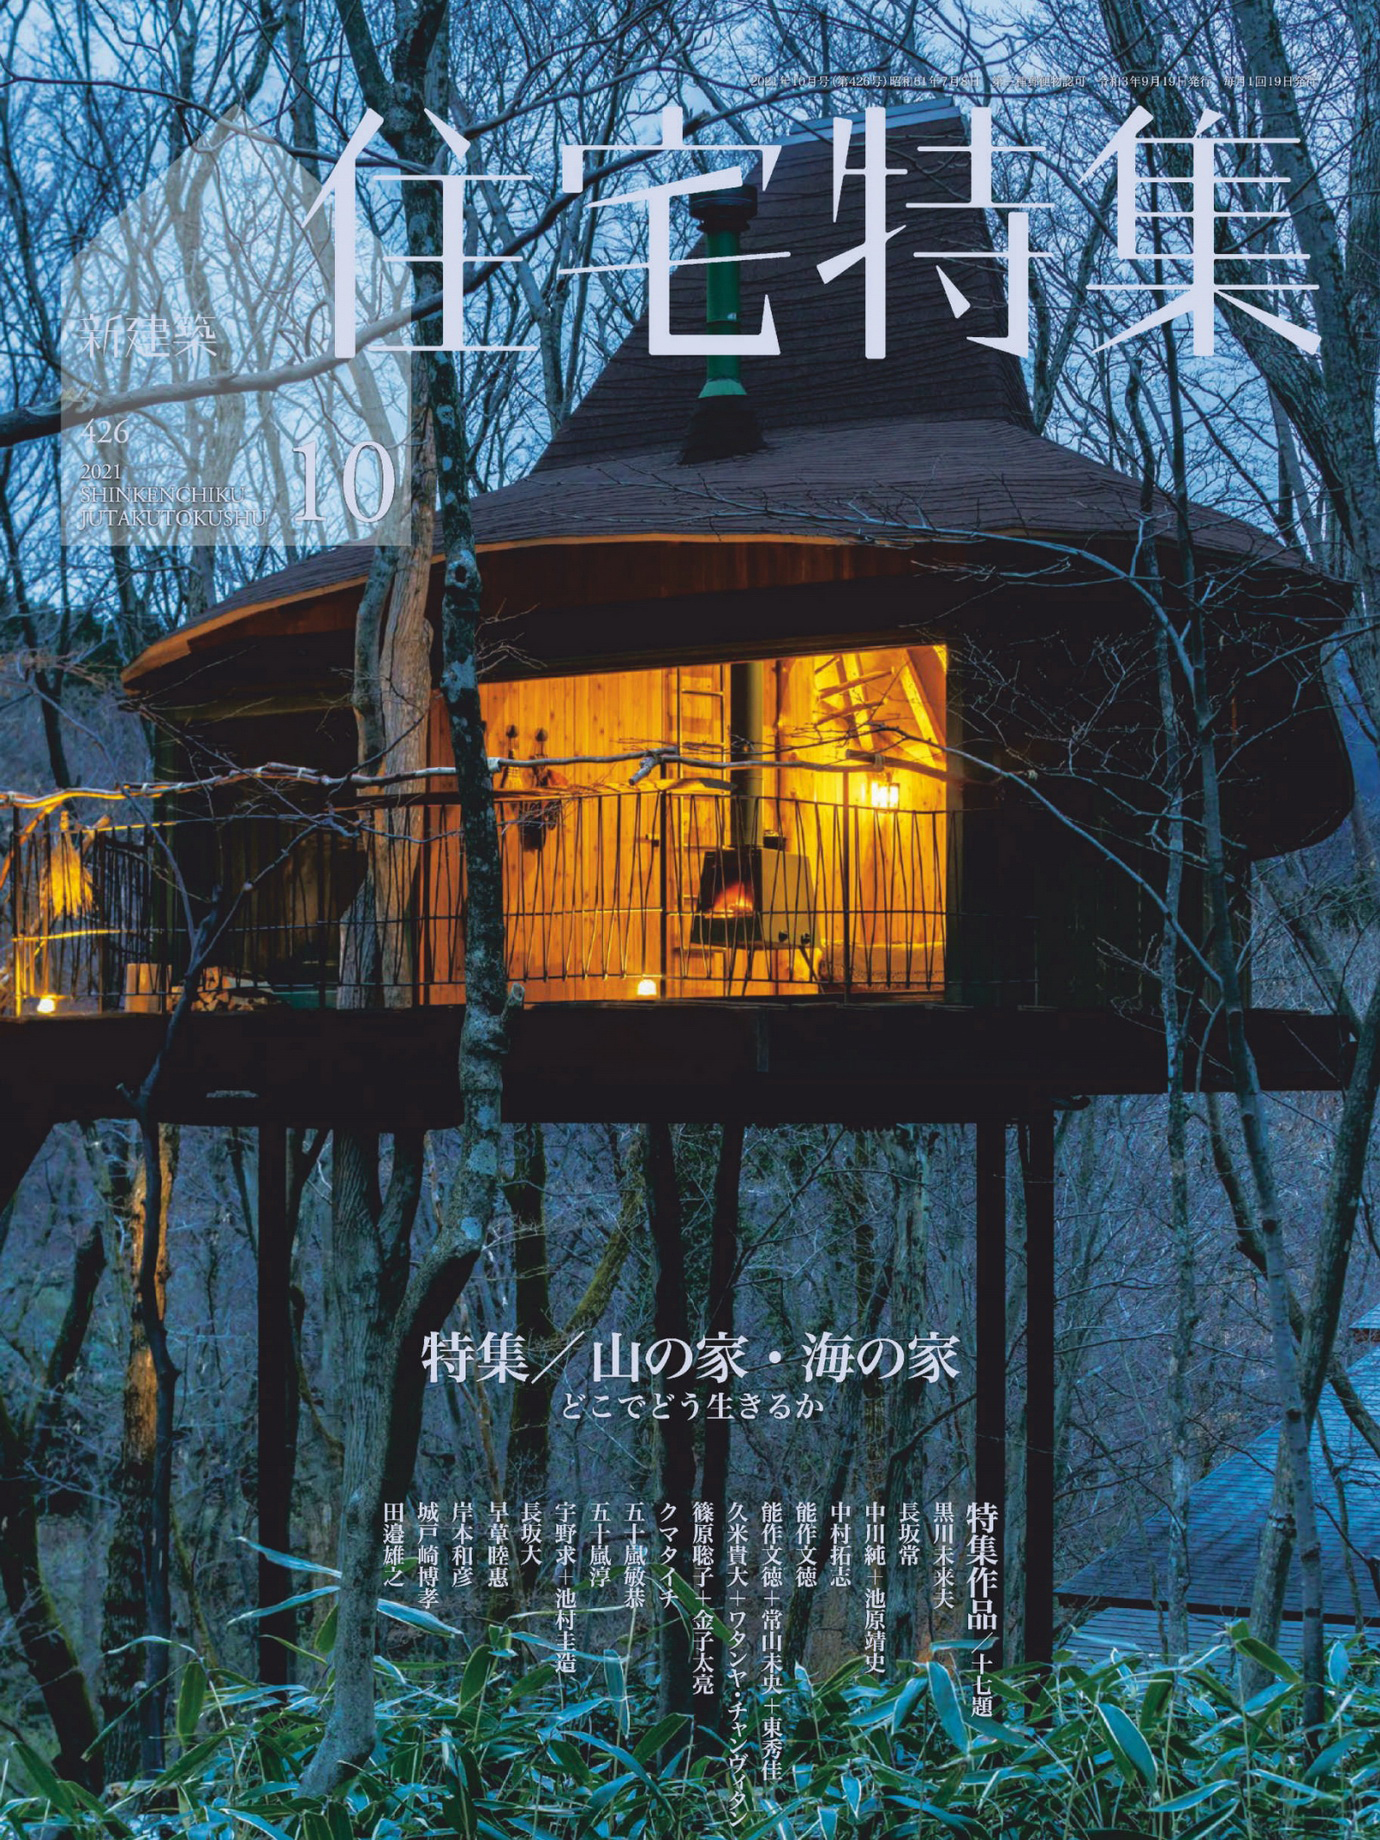 《新建築住宅特集Jutakutokushu》日本版店面室内设计杂志2021年10月号